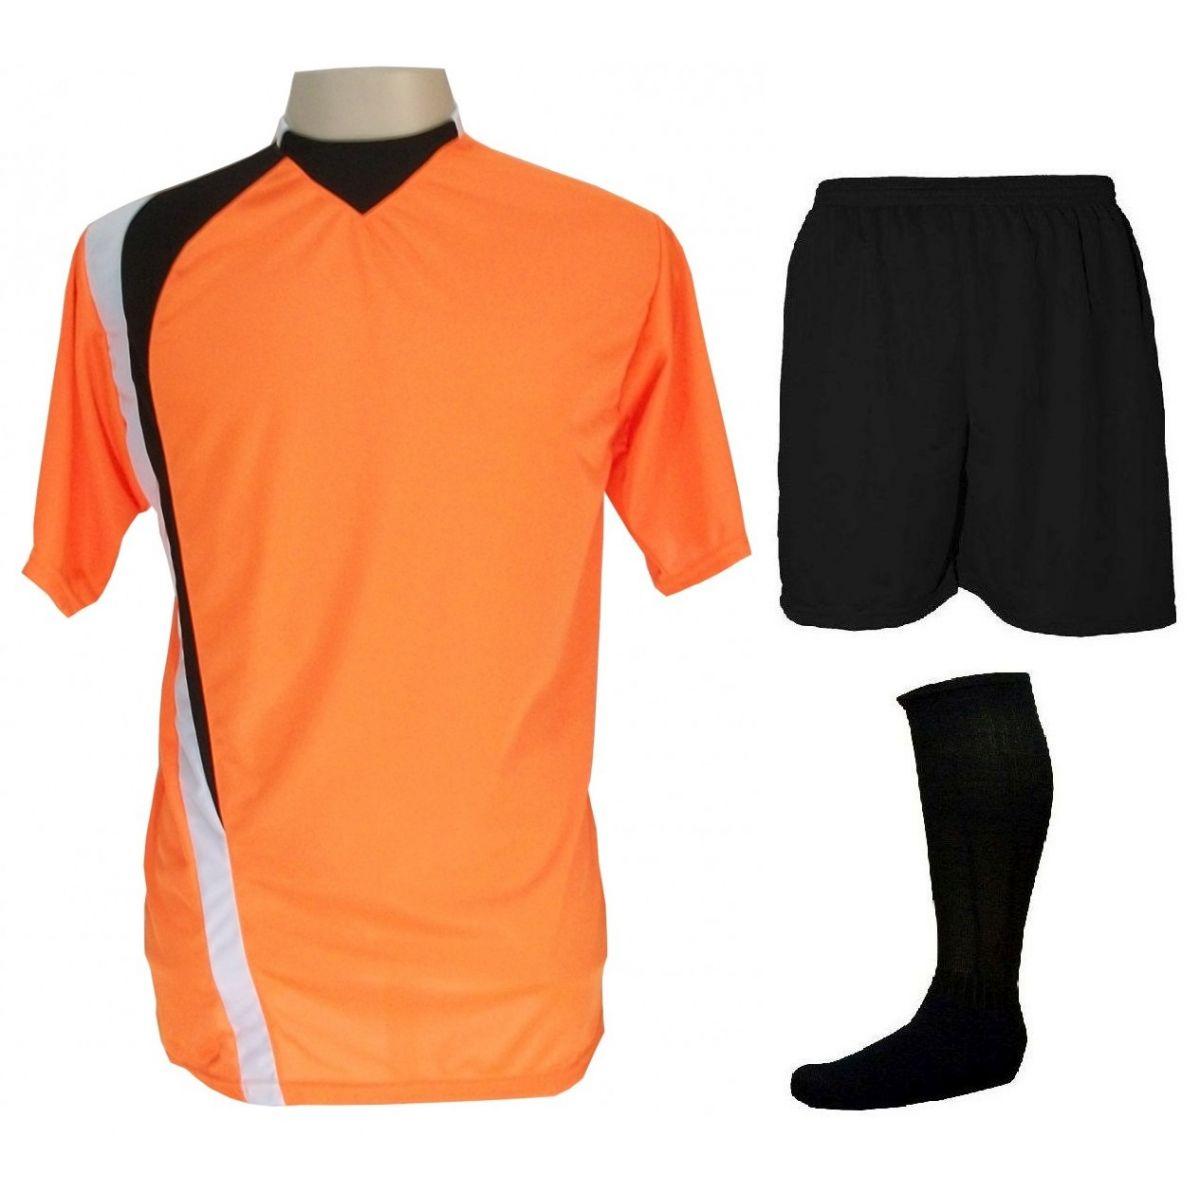 Futebol Uniformes d80997aac8423